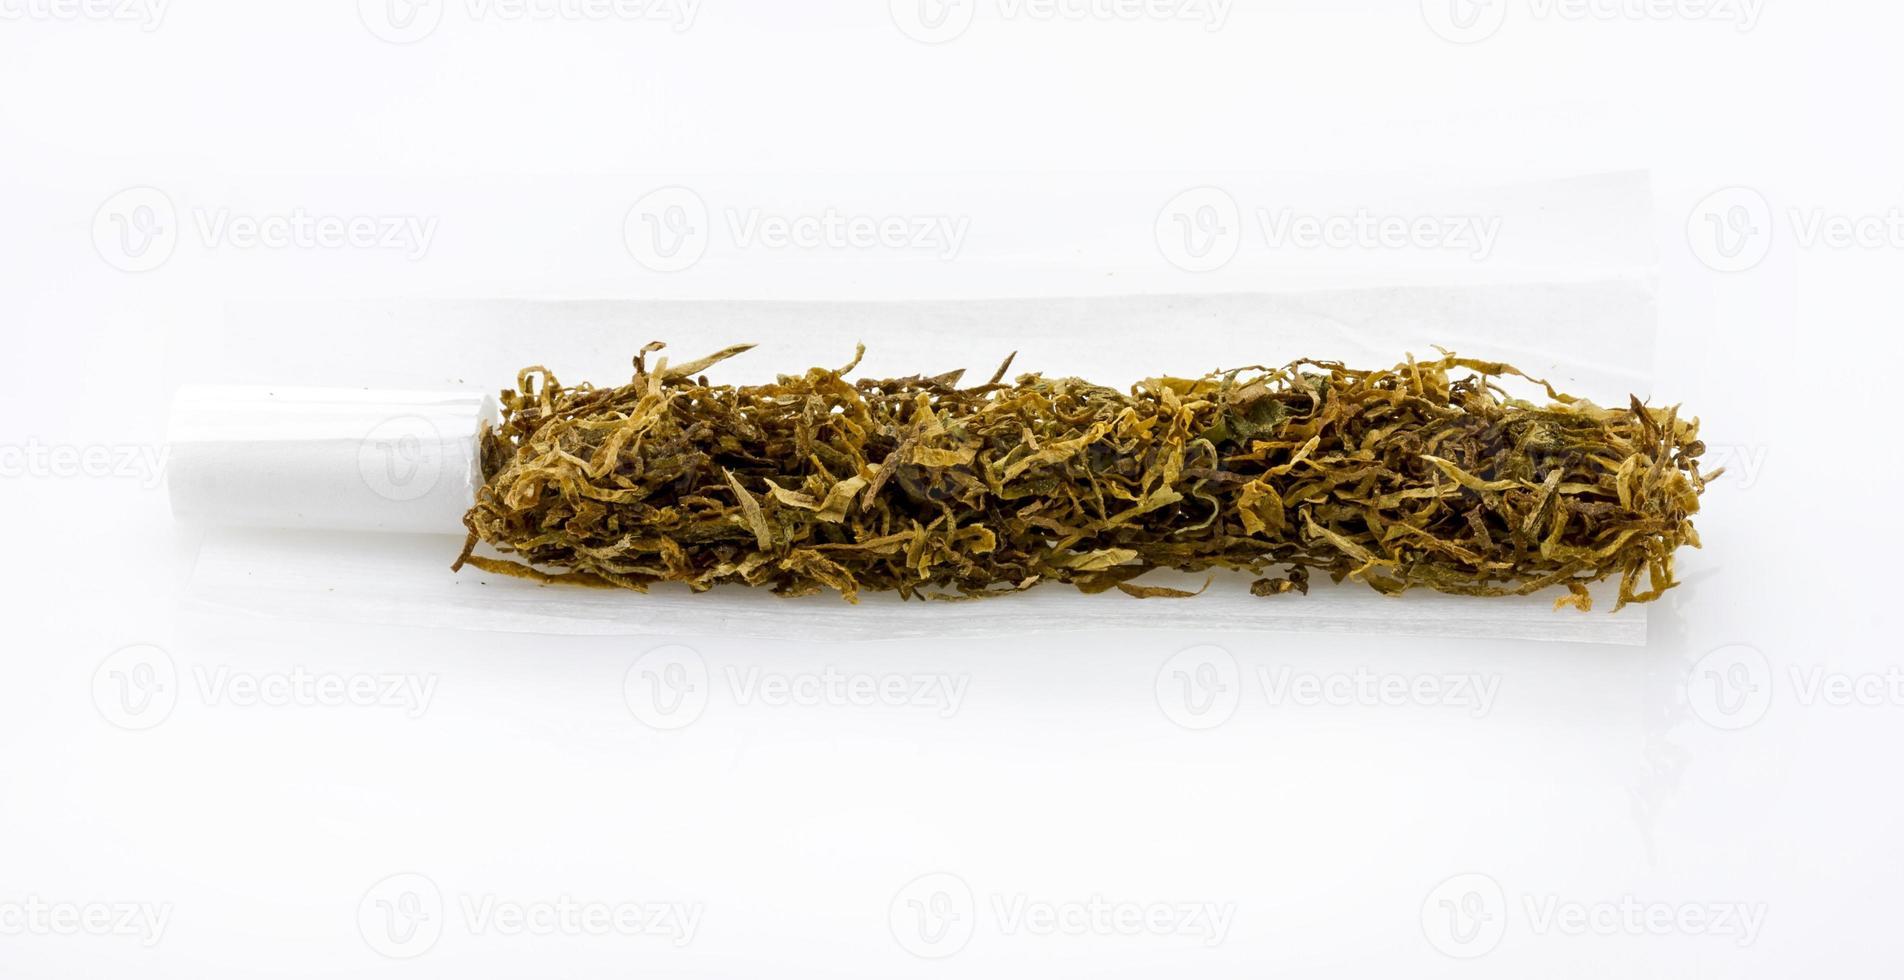 tabacco foto